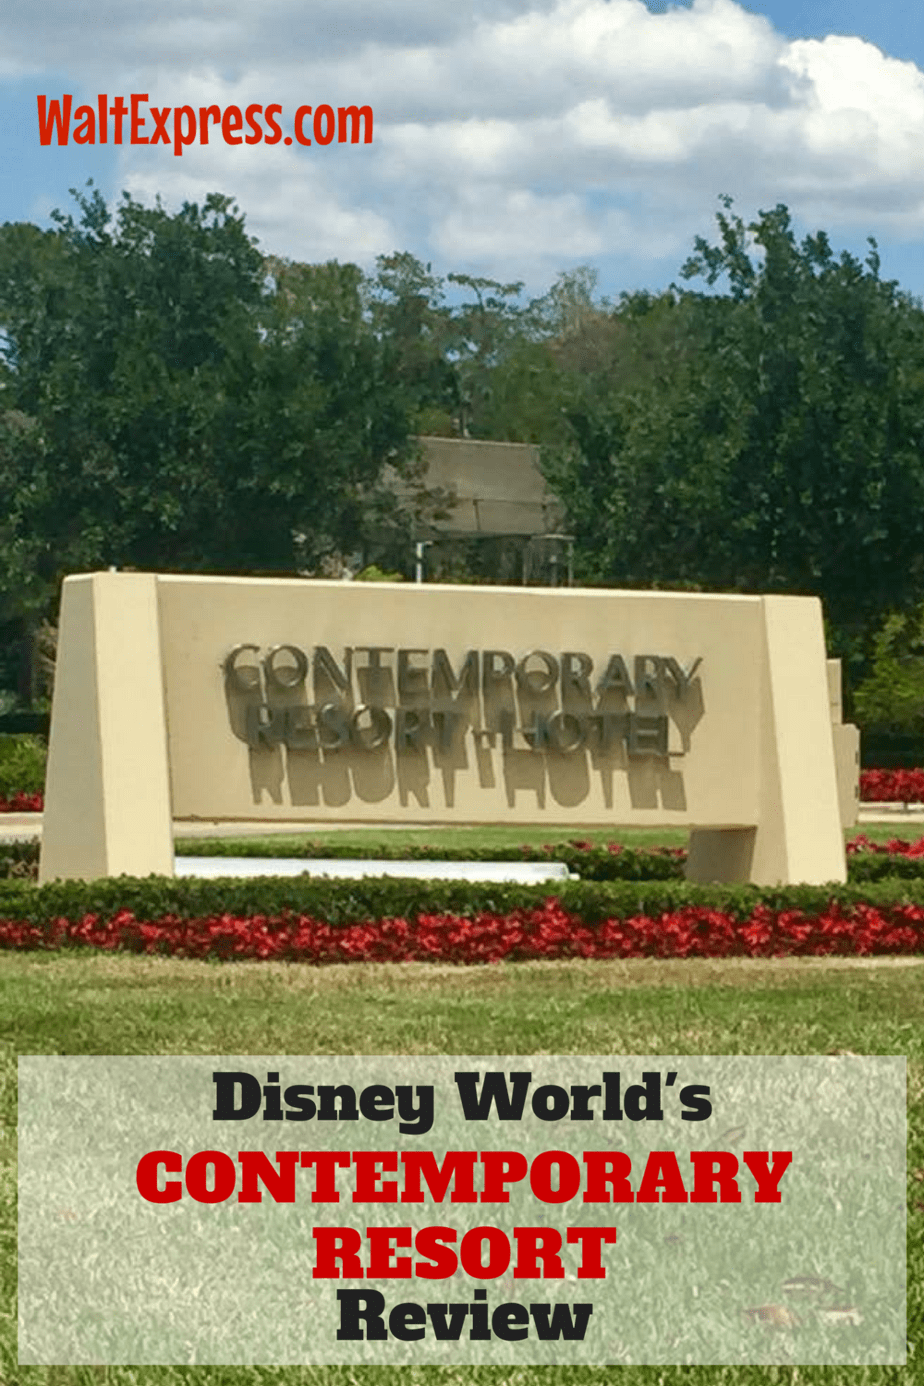 Disney's Contemporary Resort: A Disney World Resort Review